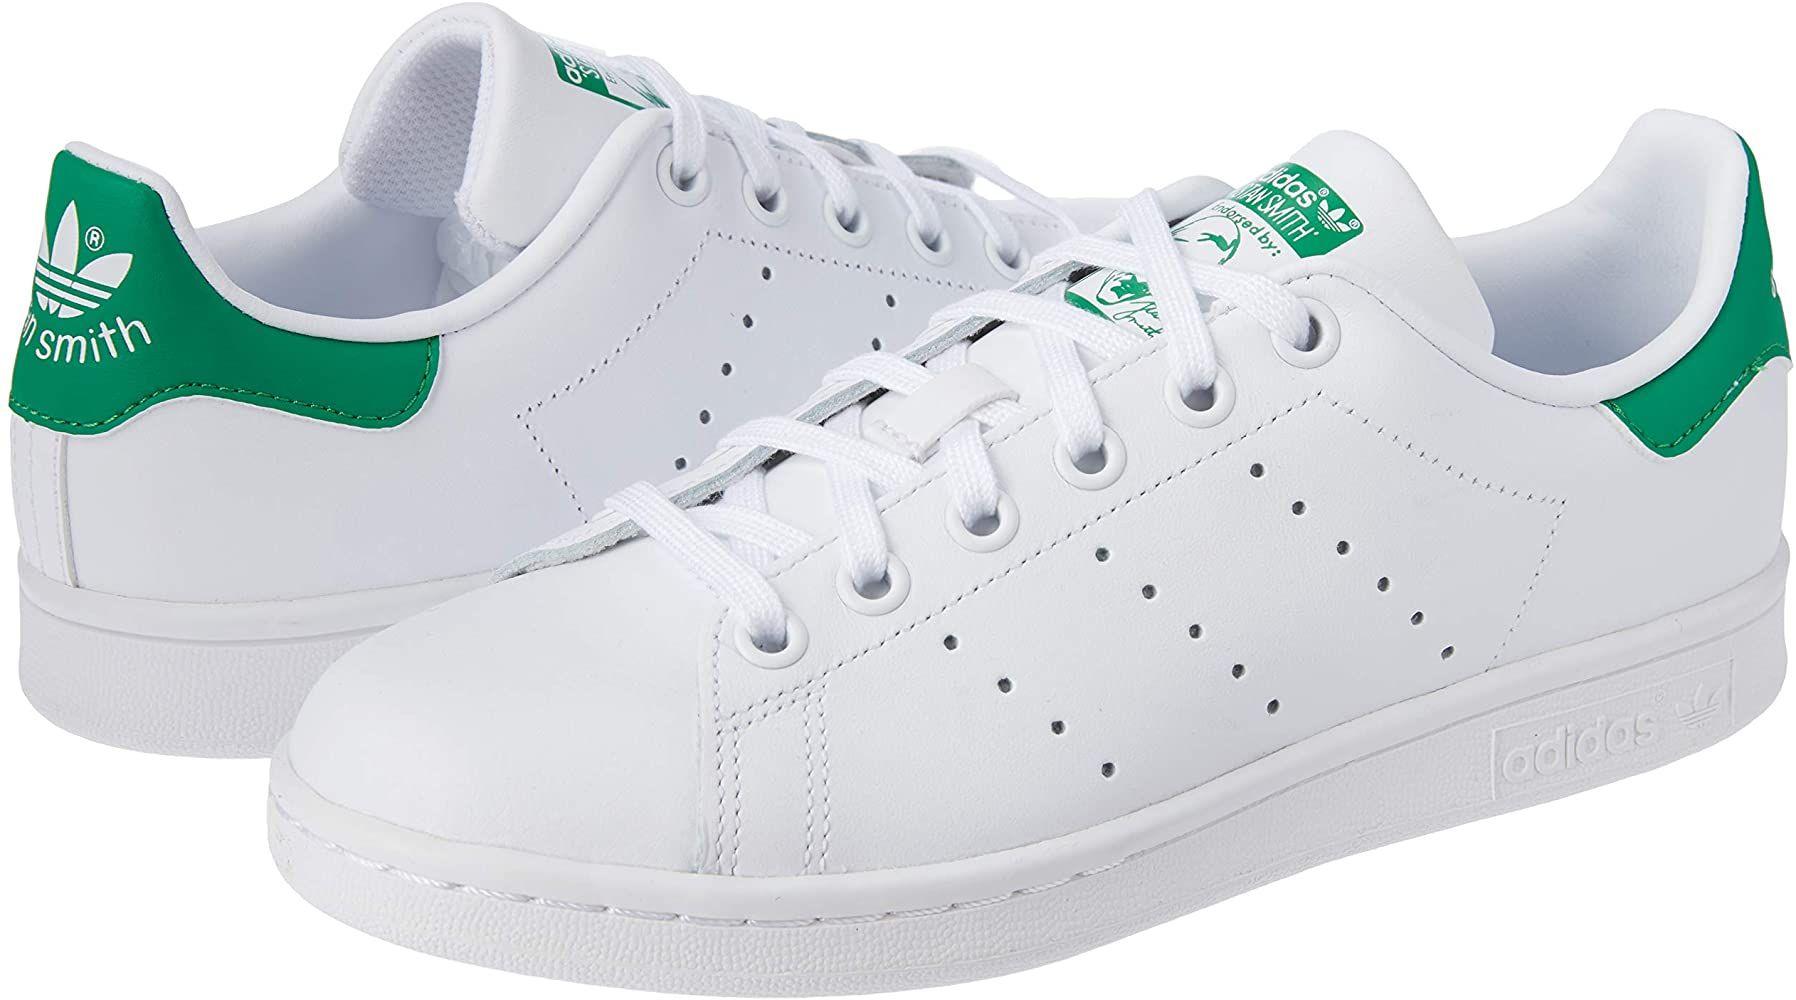 Baskets adidas Originals Stan Smith J pour Enfants - Plusieurs Tailles (Dès 30€)